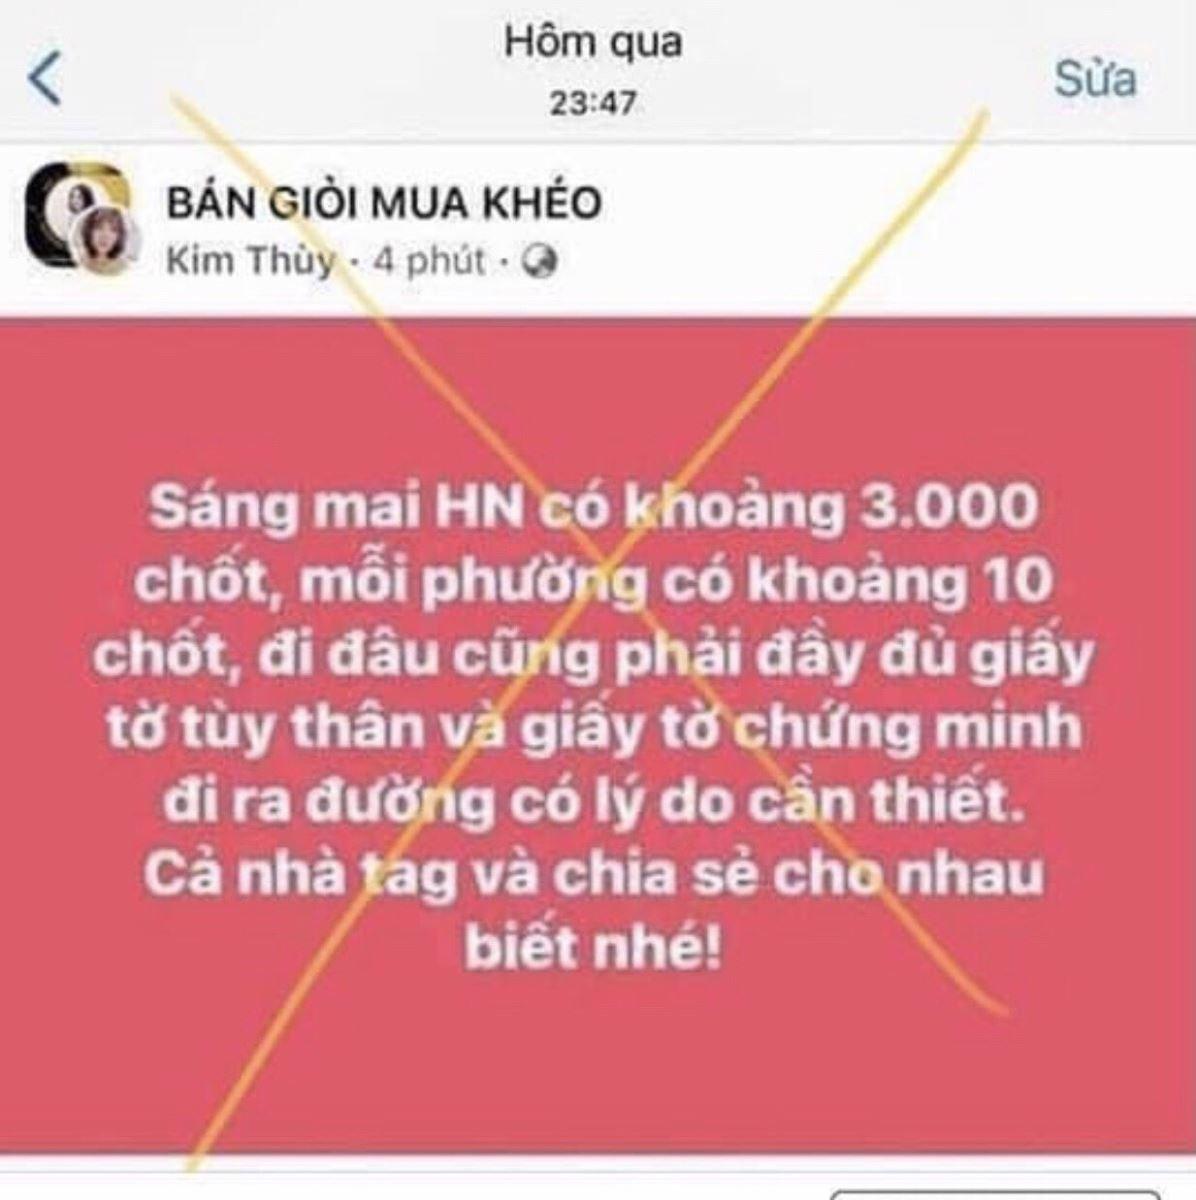 dang-tin-sai-su-that-admin-nhom-ban-deo-mua-kheo-bi-xu-phat-125-trieu-dong